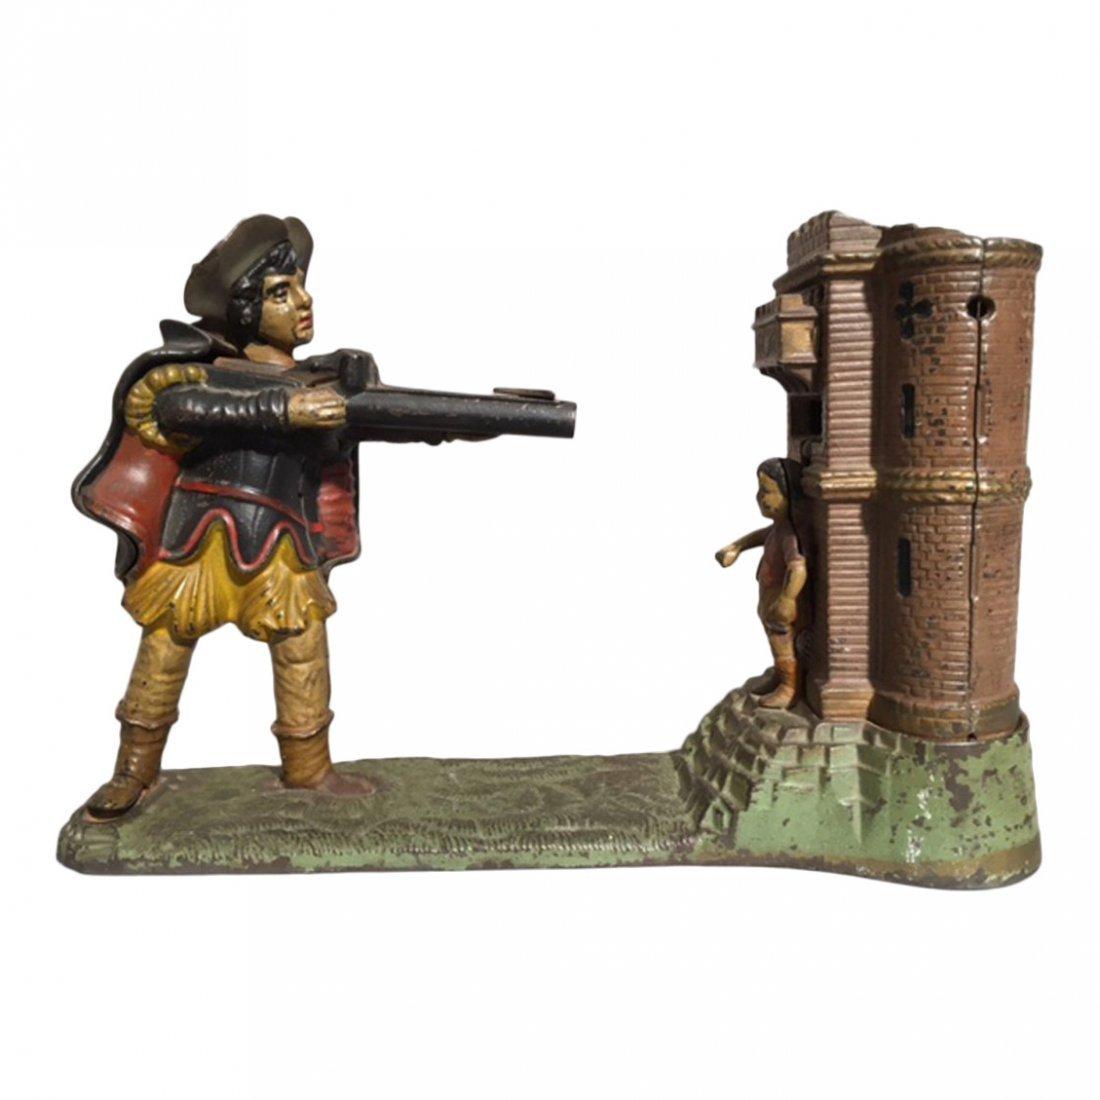 Cast Iron Rifleman Mechanical Bank, 1896